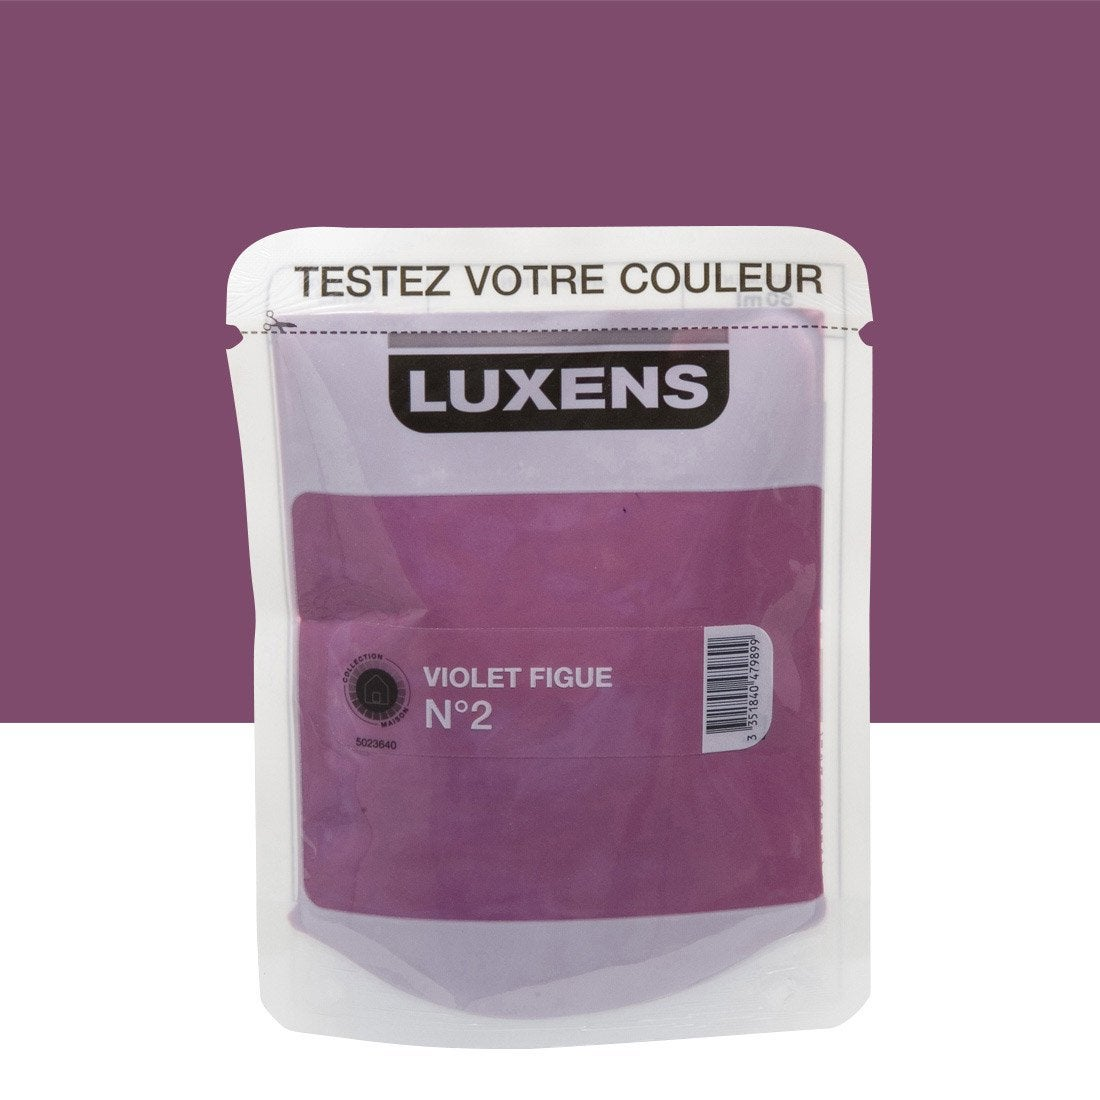 Testeur peinture violet figue 2 luxens couleurs int rieures satin l leroy merlin for Peinture couleur figue